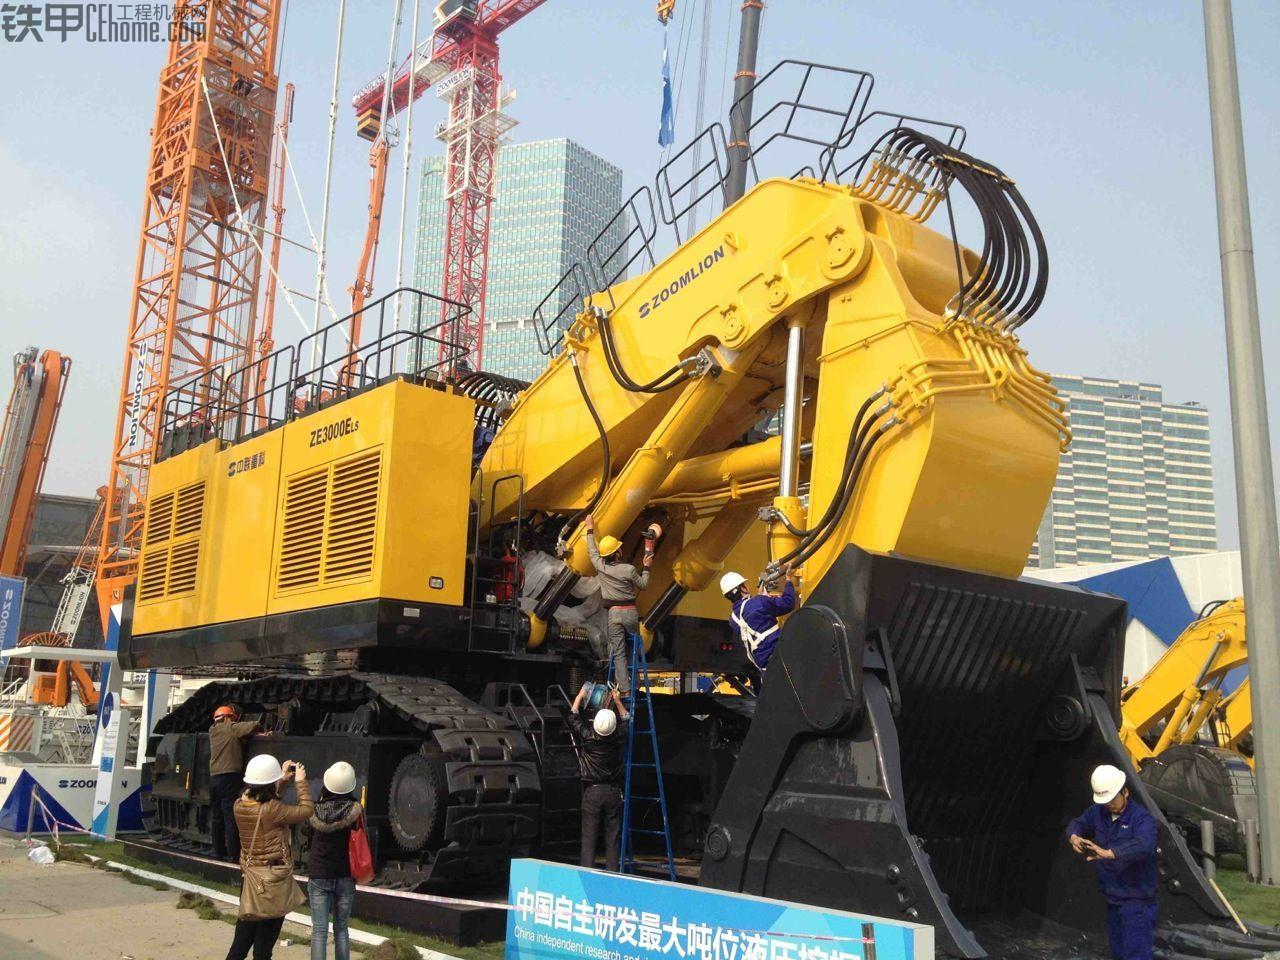 中联重科300吨挖掘机ZE3000,太震撼了,宝马展偷拍